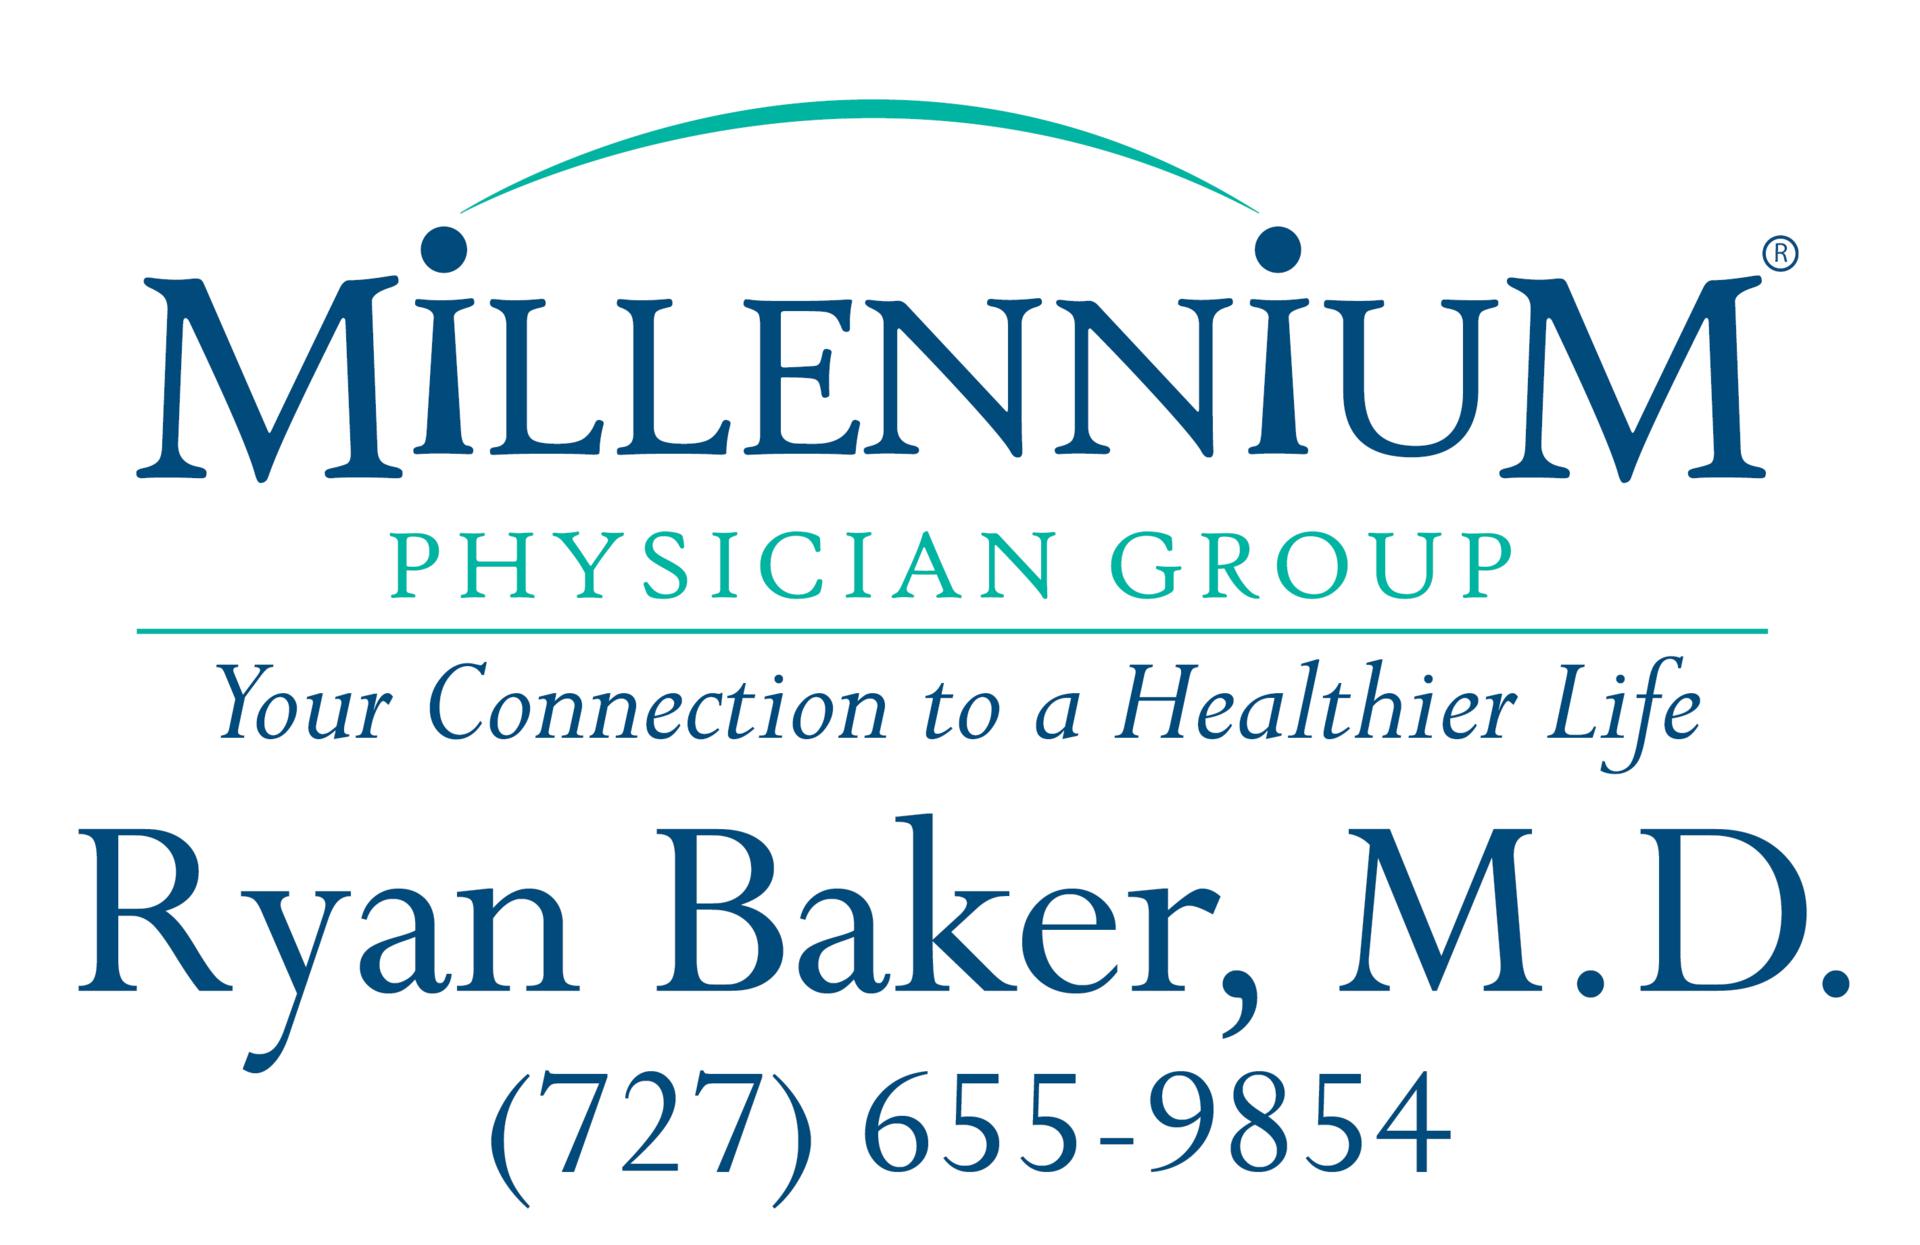 Ryan Baker, M.D. Logo